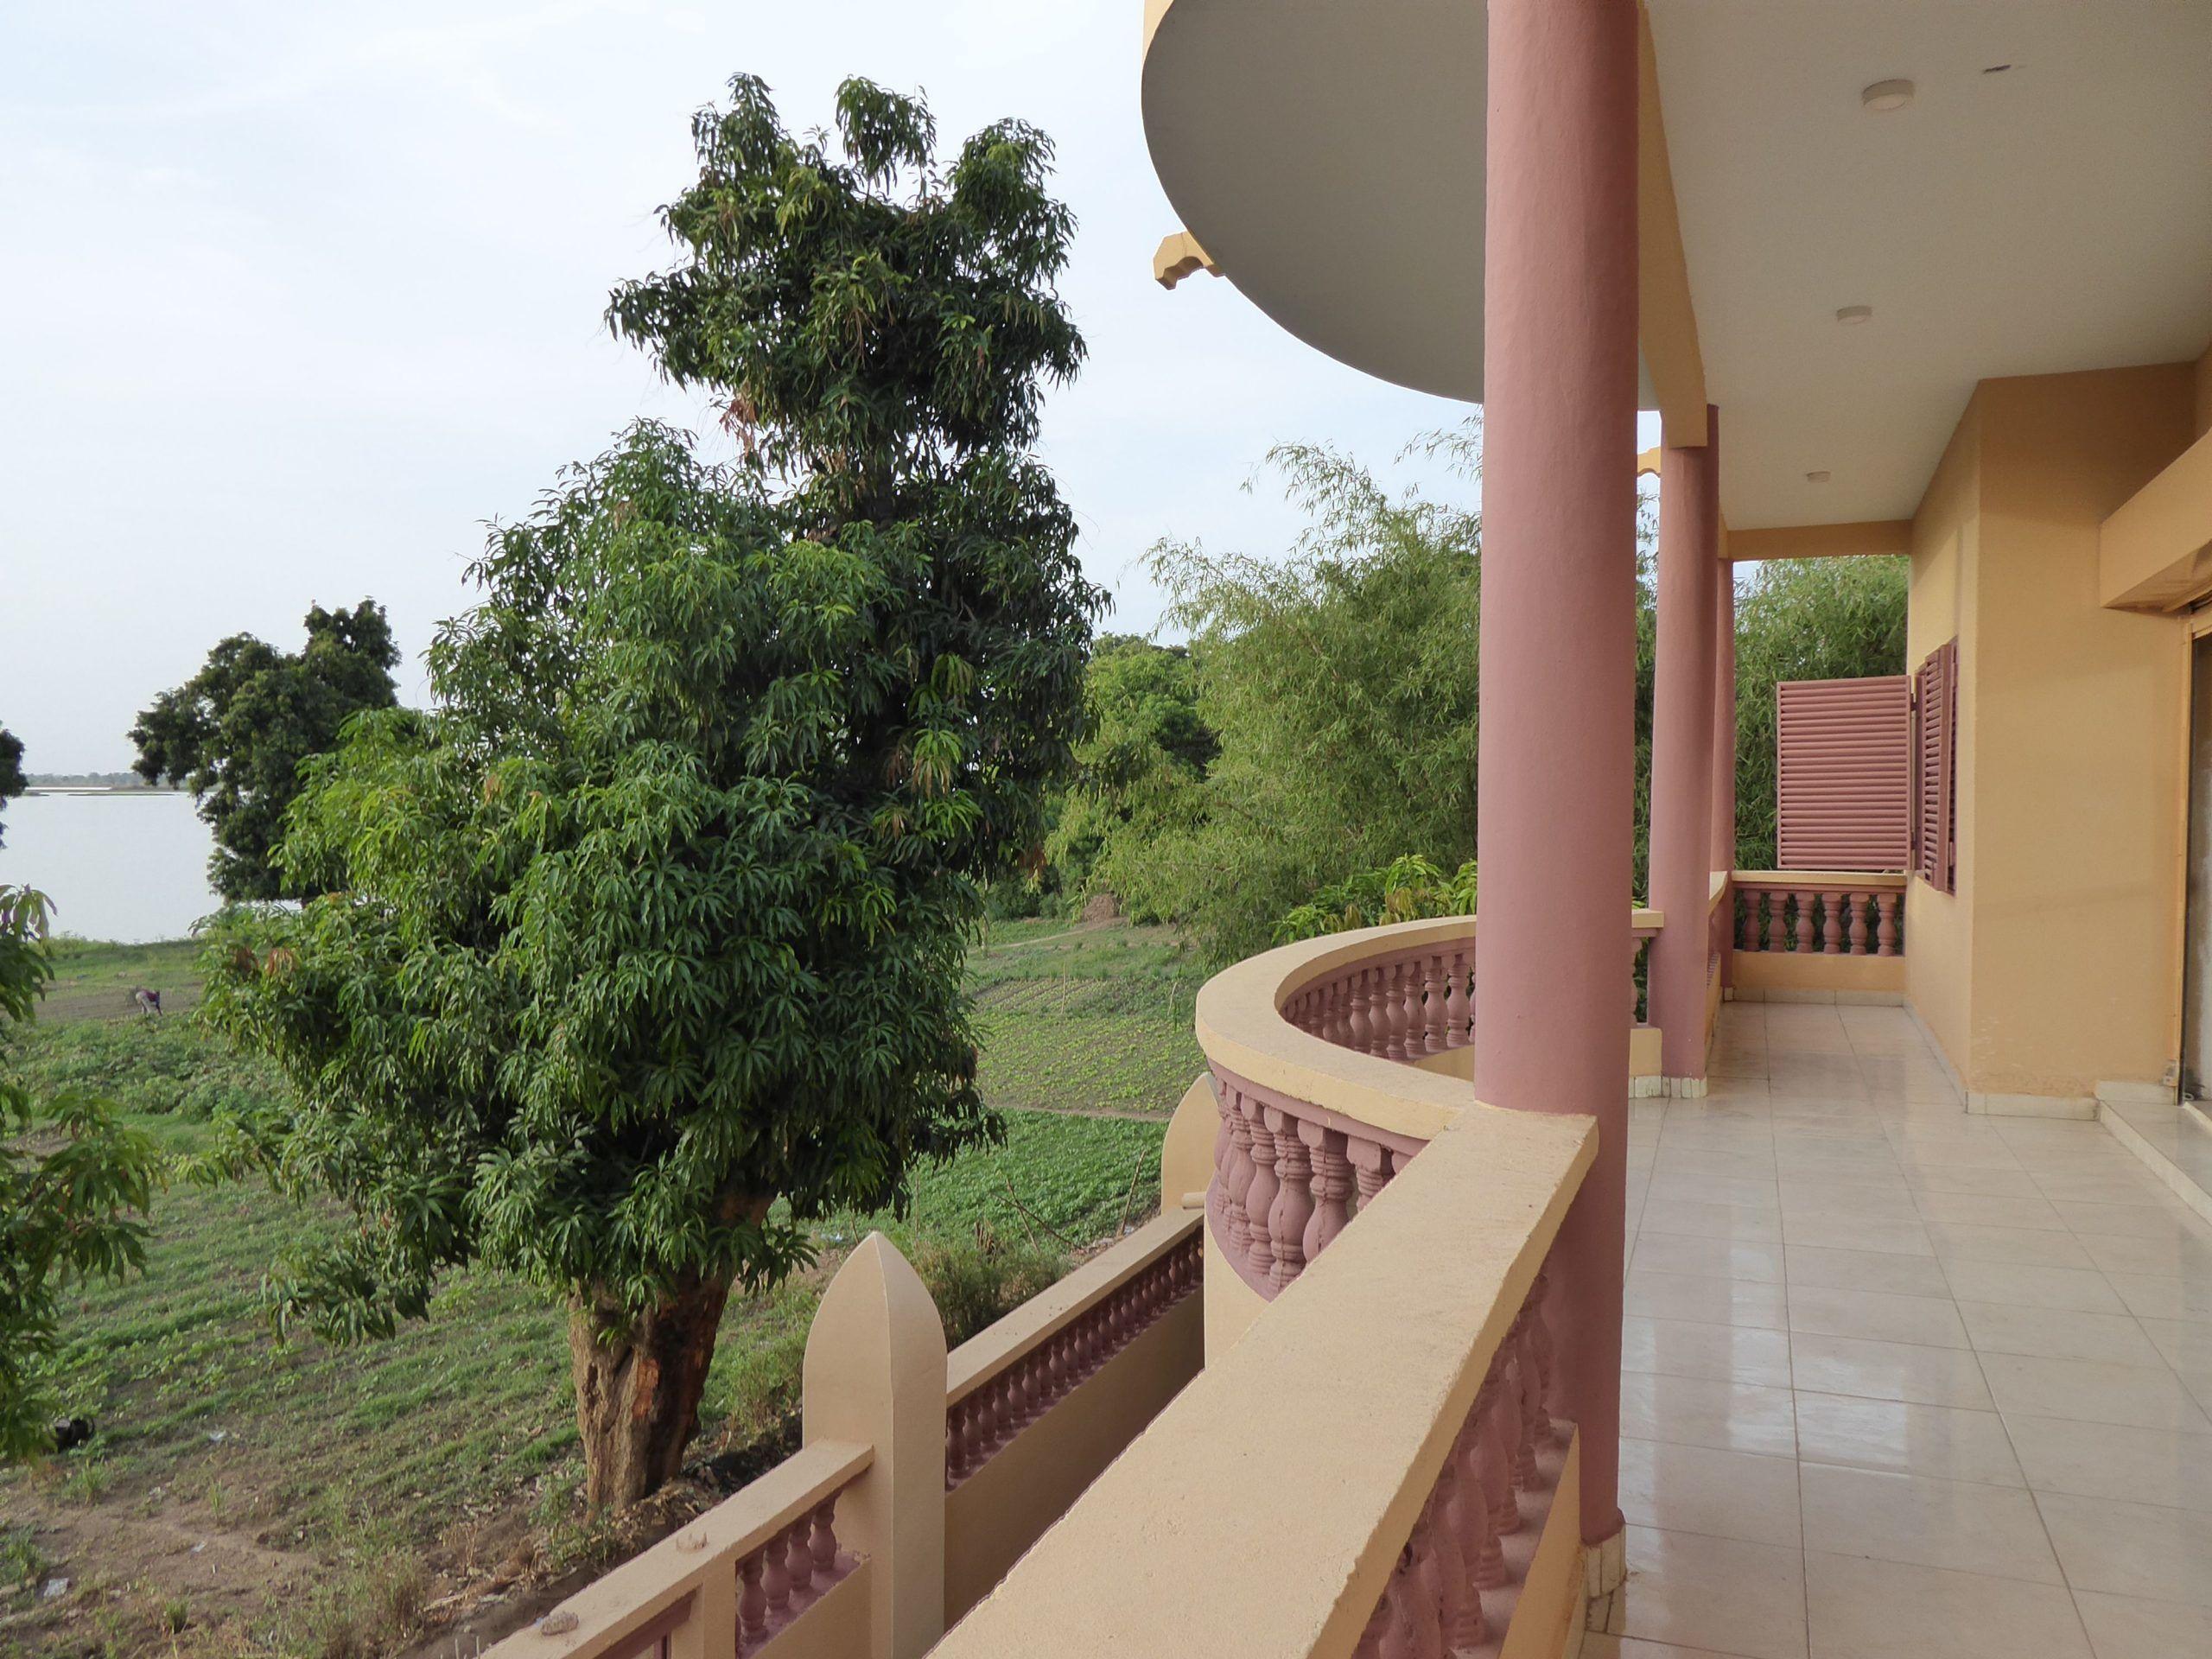 Maison d'hôte avec une vue superbe sur le fleuve Niger à Ségou